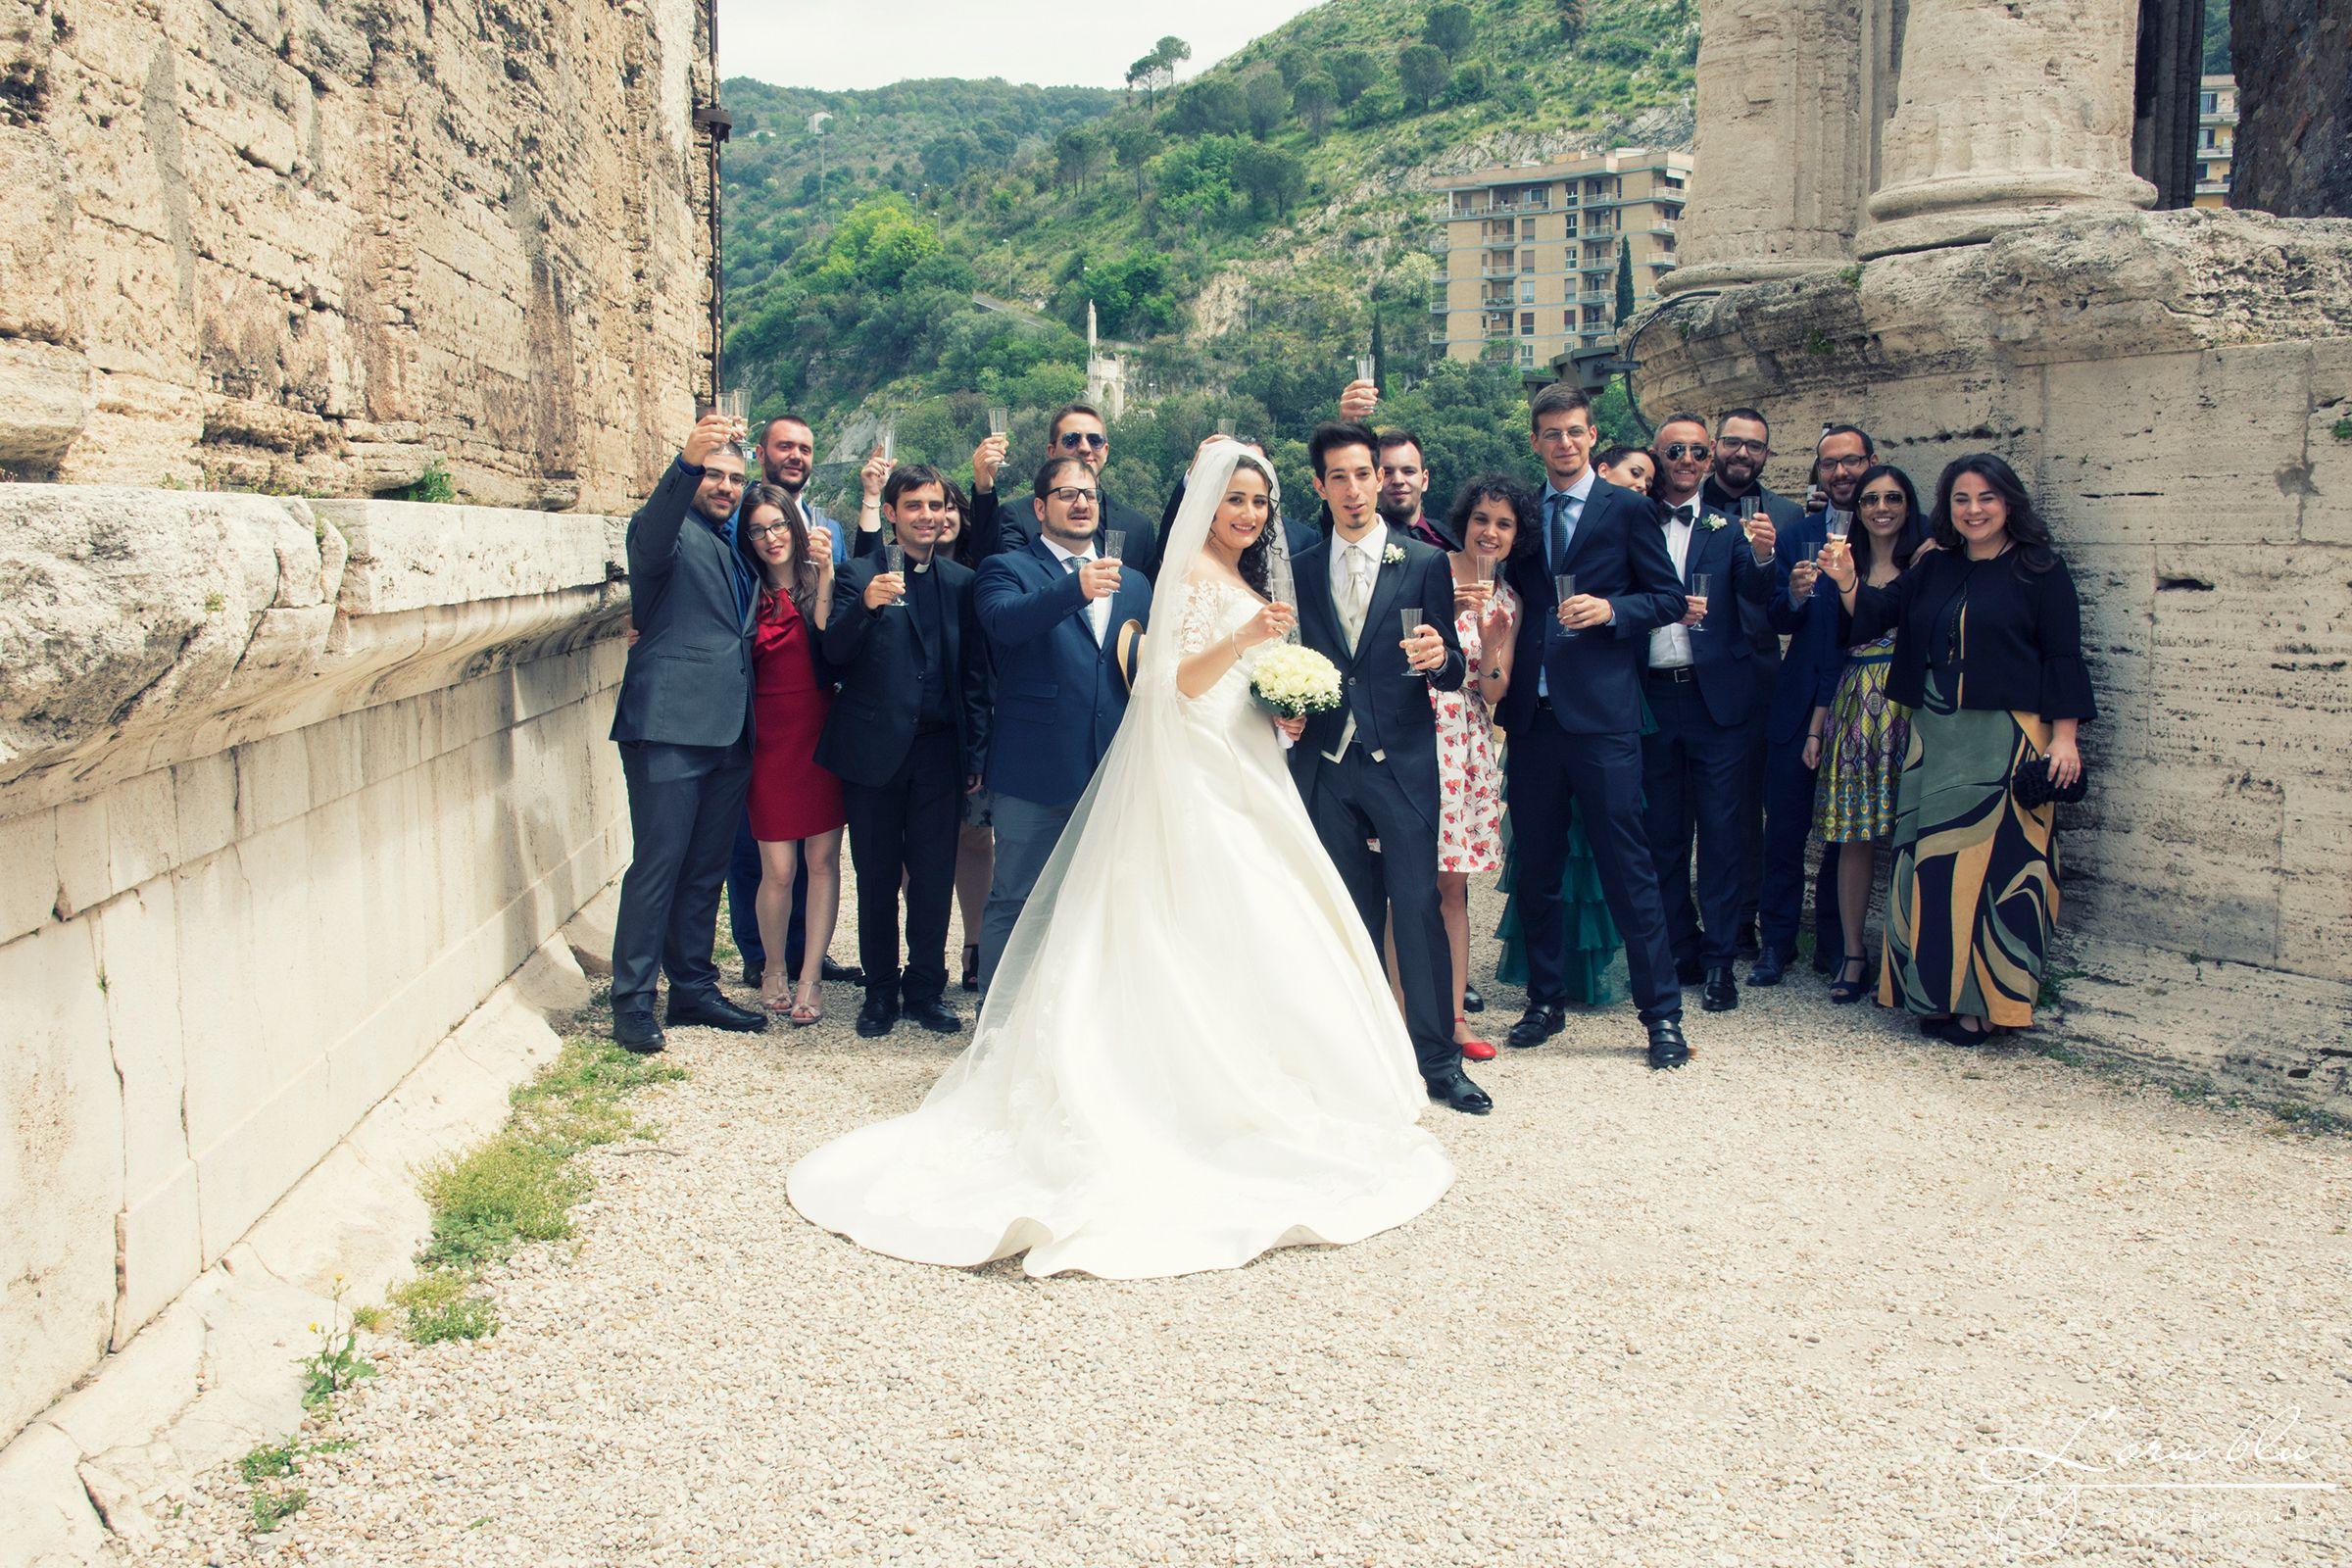 Fotografo Di Matrimonio Roma Studio Fotografico Fotografia Di Matrimonio Matrimonio